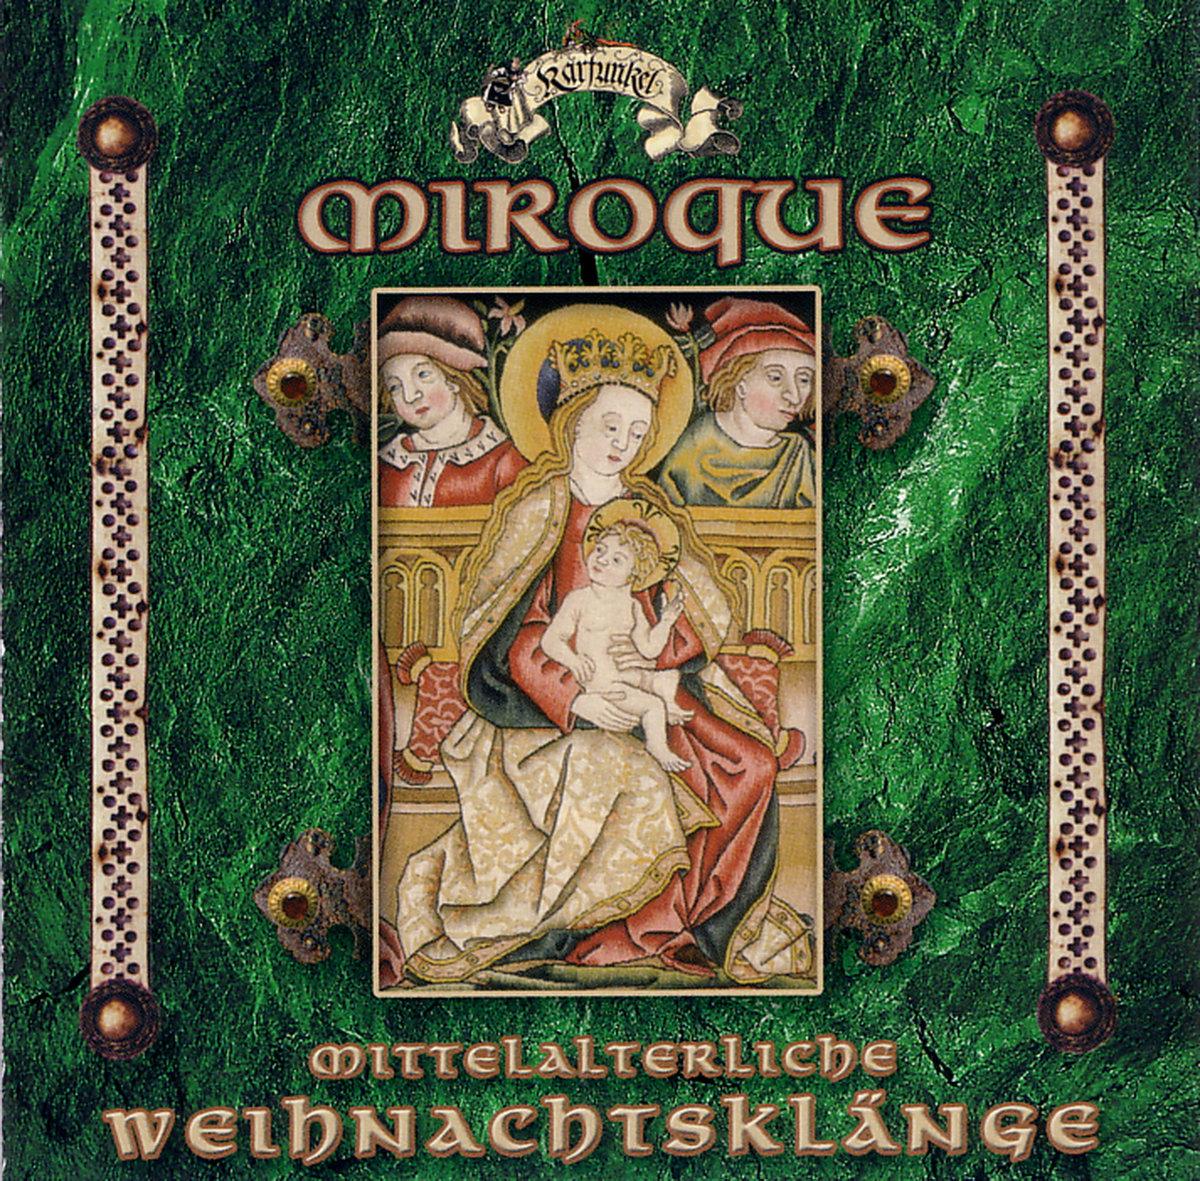 Miroque: Mittelalterliche Weihnachtsklänge | Sub Terranean